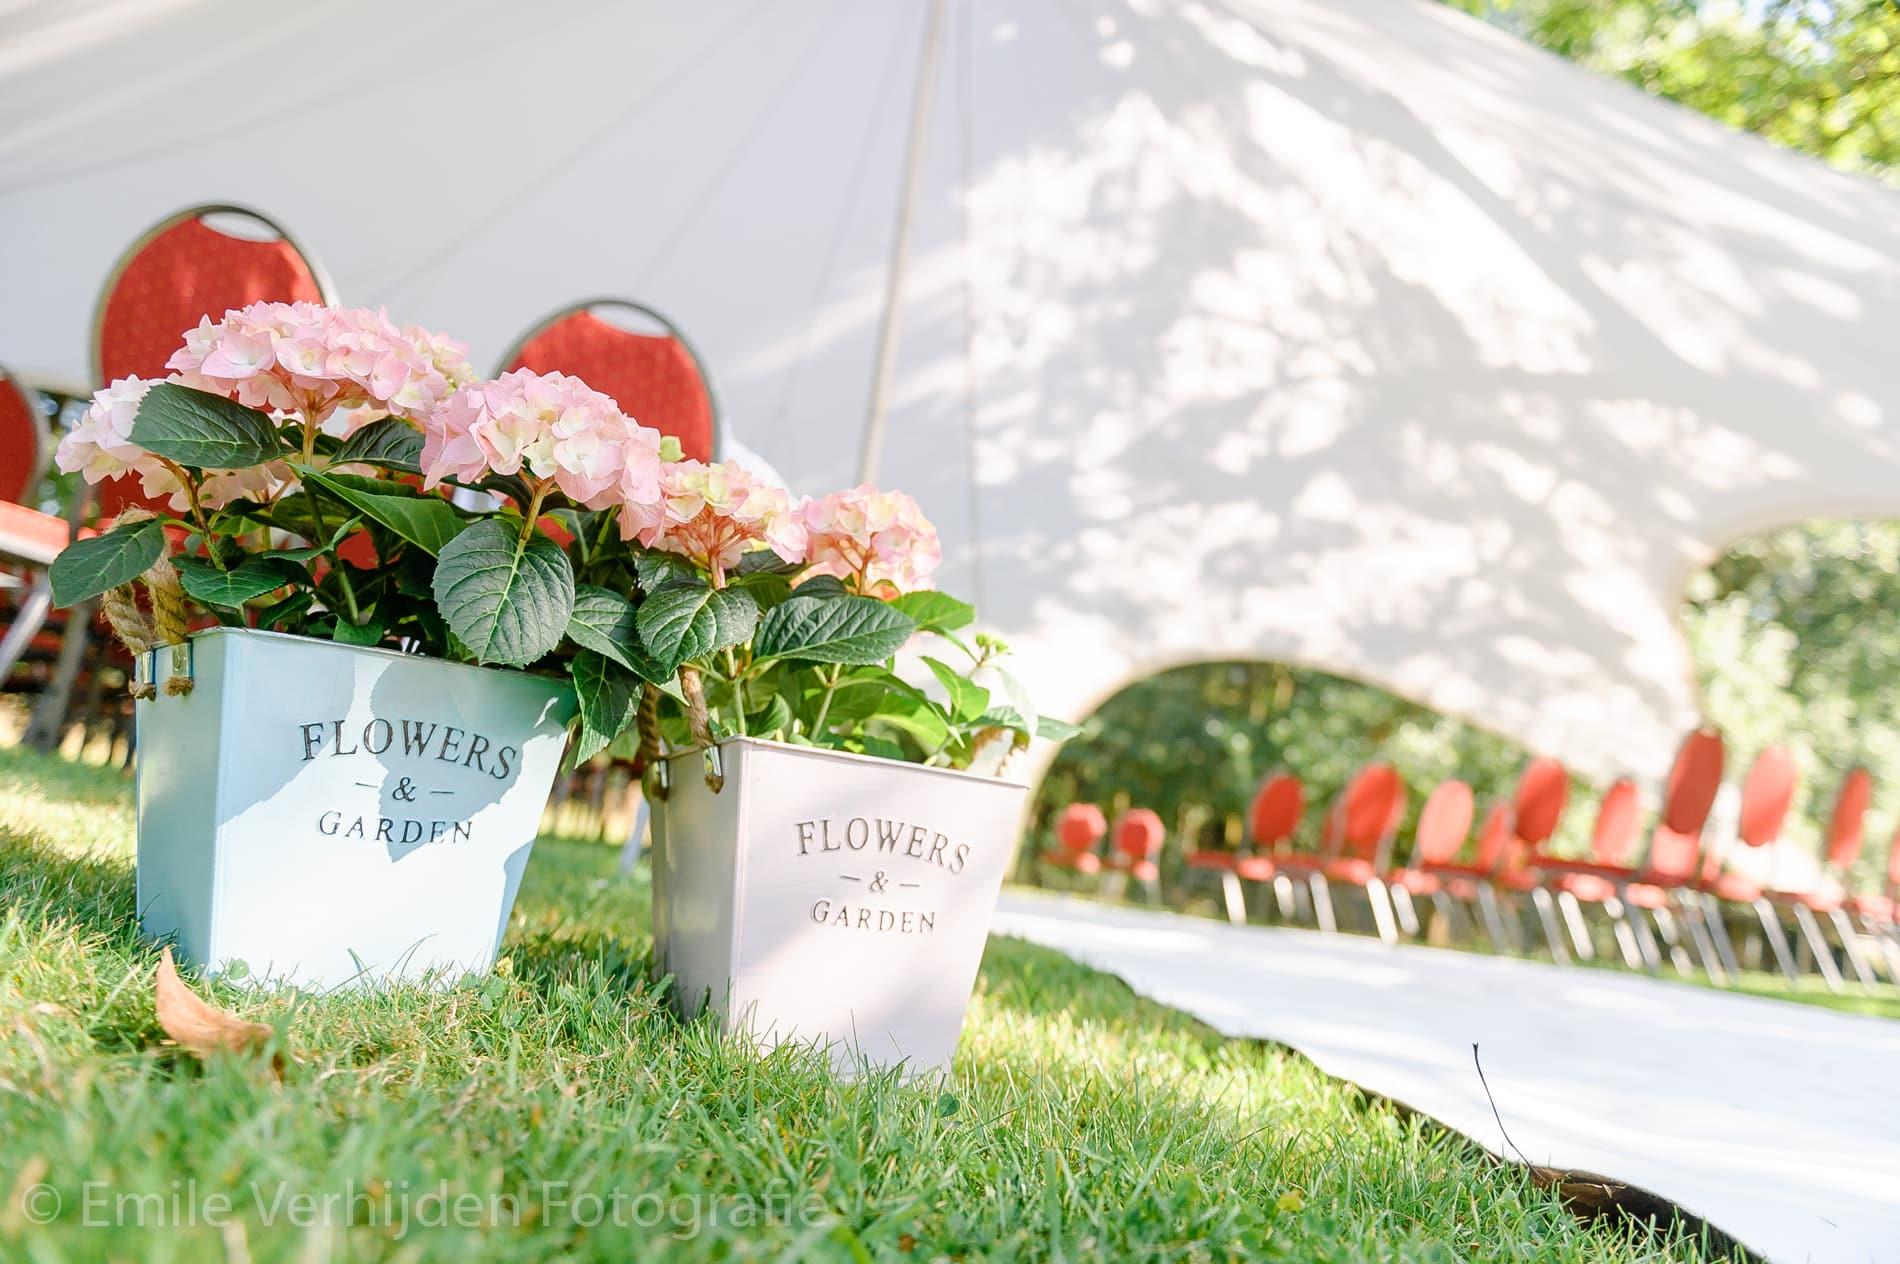 bloemen-in-beeld-bruidsfotografie-winselerhof-landgraaf Bruidsfotografie Winselerhof Landgraaf - Kerkrade